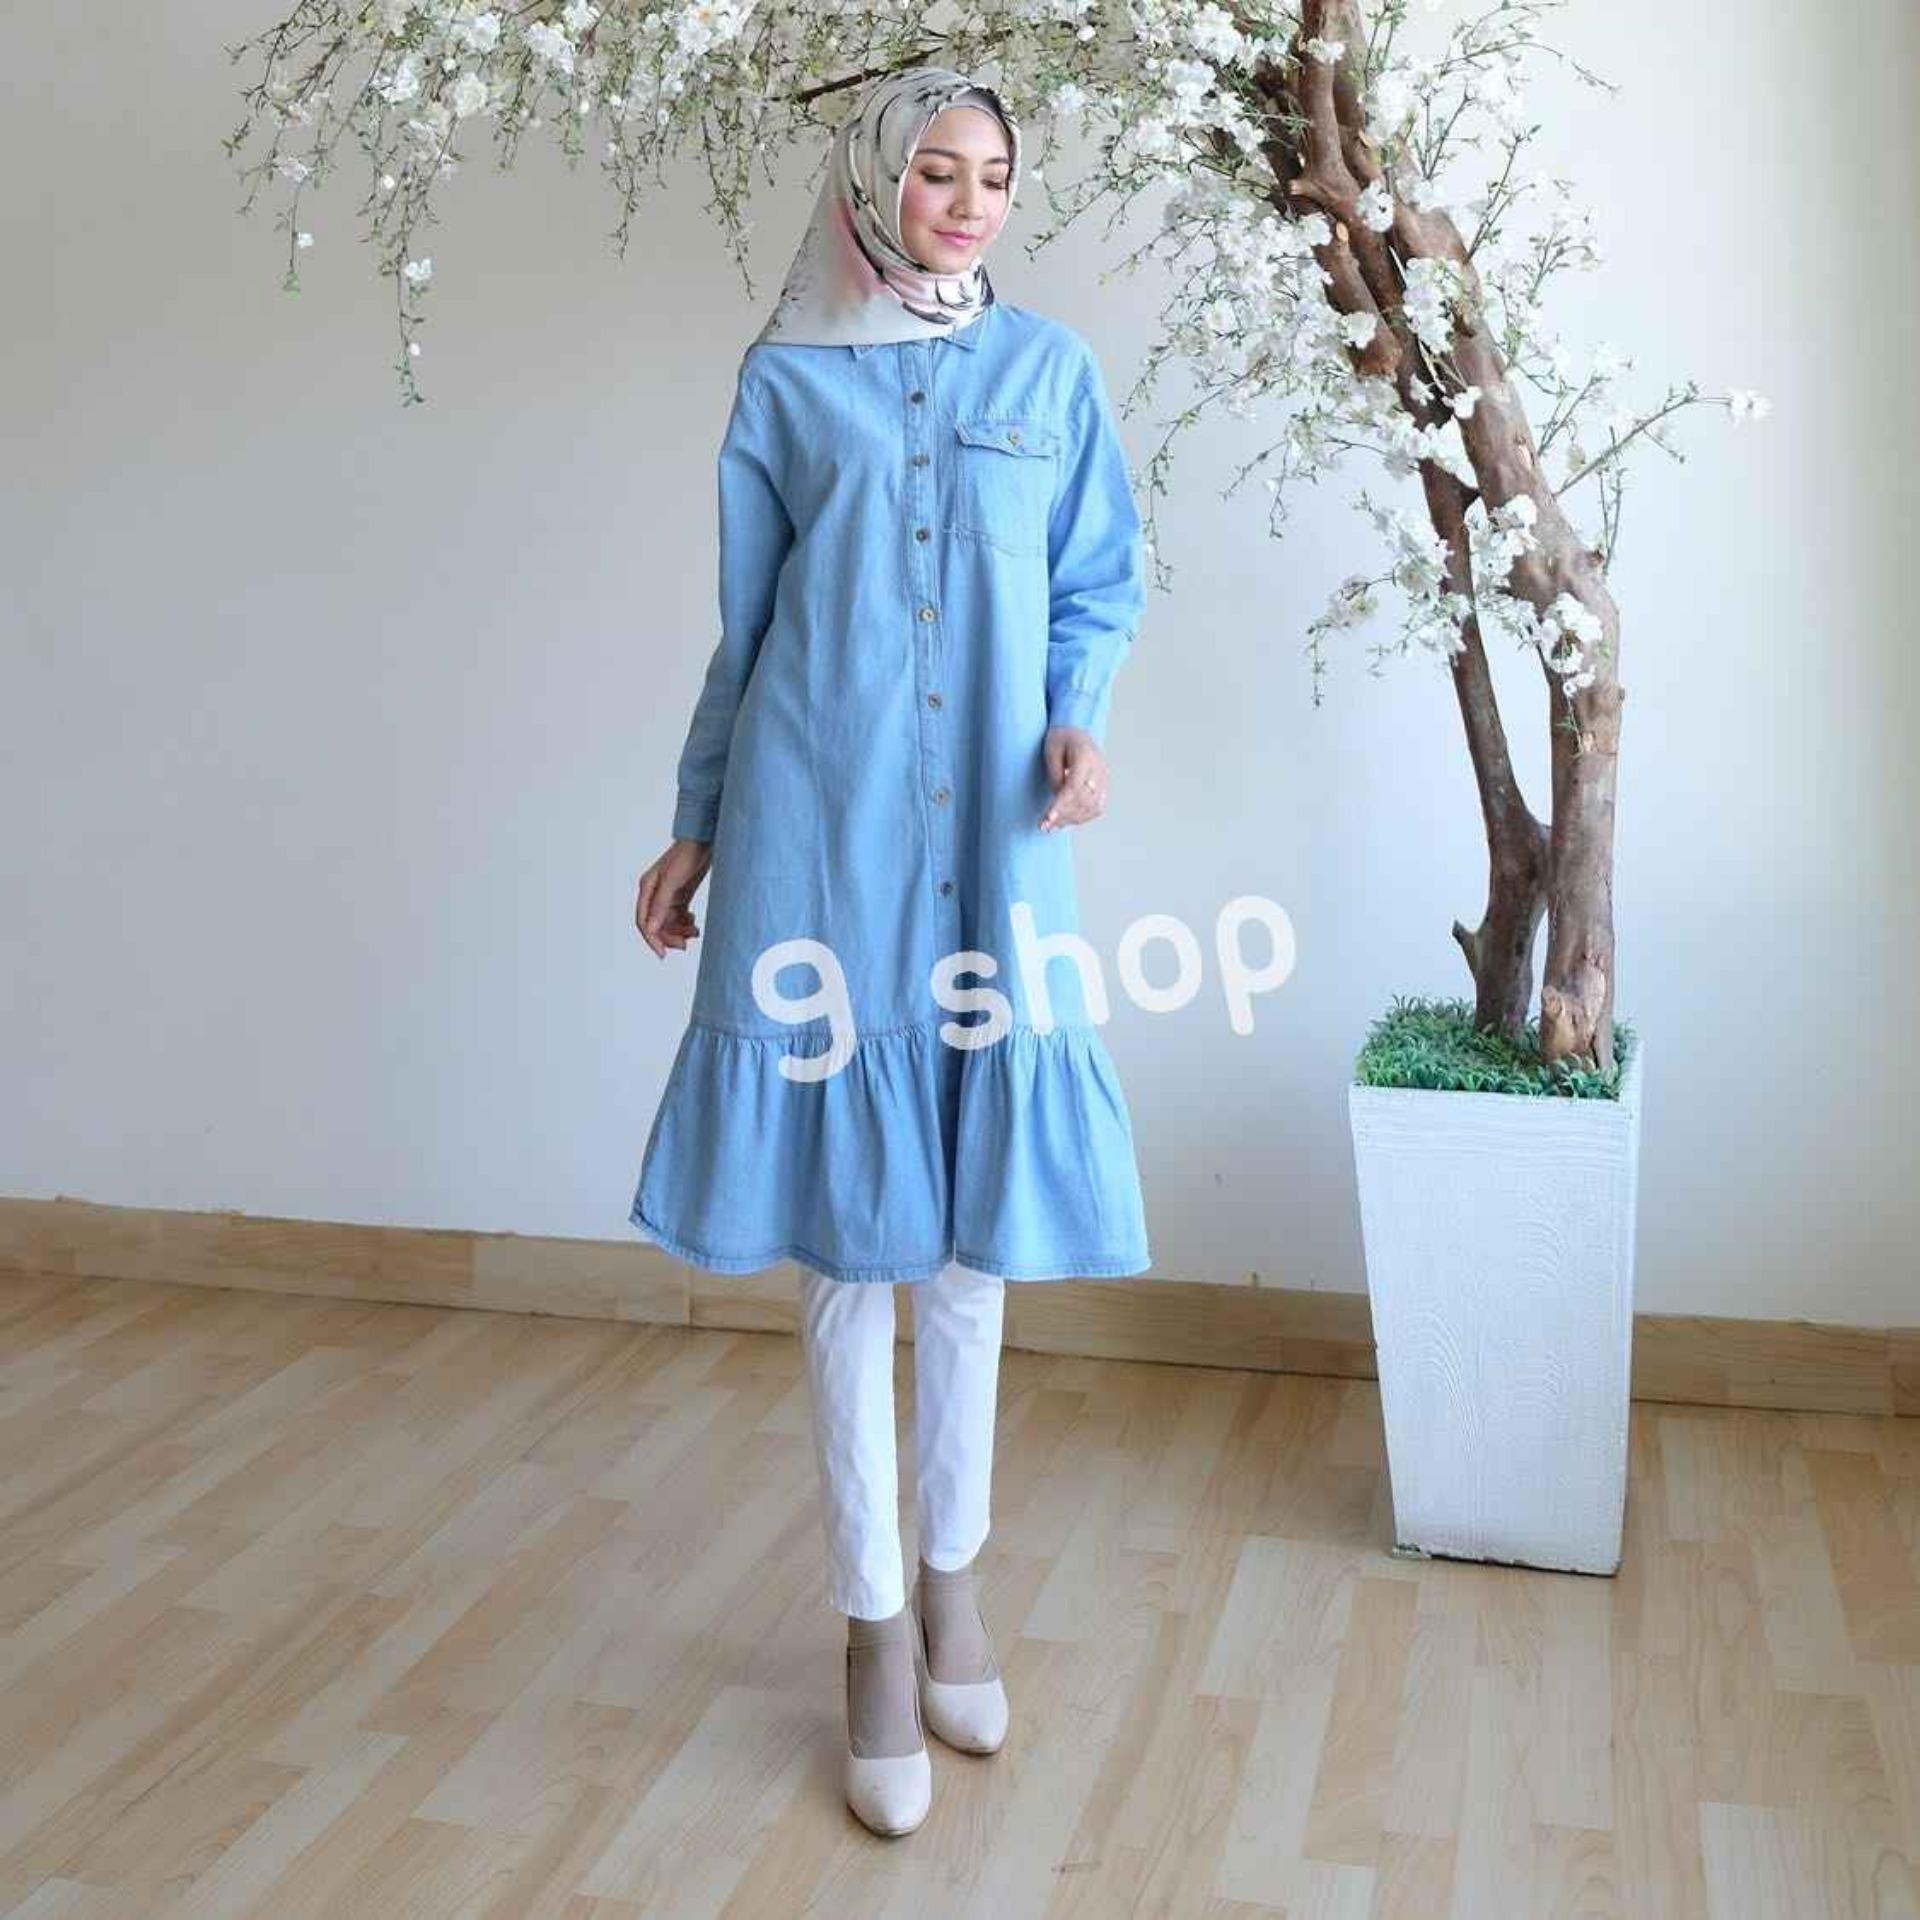 9 Shop Kemeja Tunik Denim Jeans Wanita Lengan Panjang DINE ( Tanpa Pasmina) / Atasan Muslimah / Kemeja Kerja Wanita / Baju Muslim Wanita / Kemeja Casual Wanita / Atasan Wanita / Tunik Murah / Tunik Denim Murah / Tunik Jeans / Kemeja Denim Wanita /